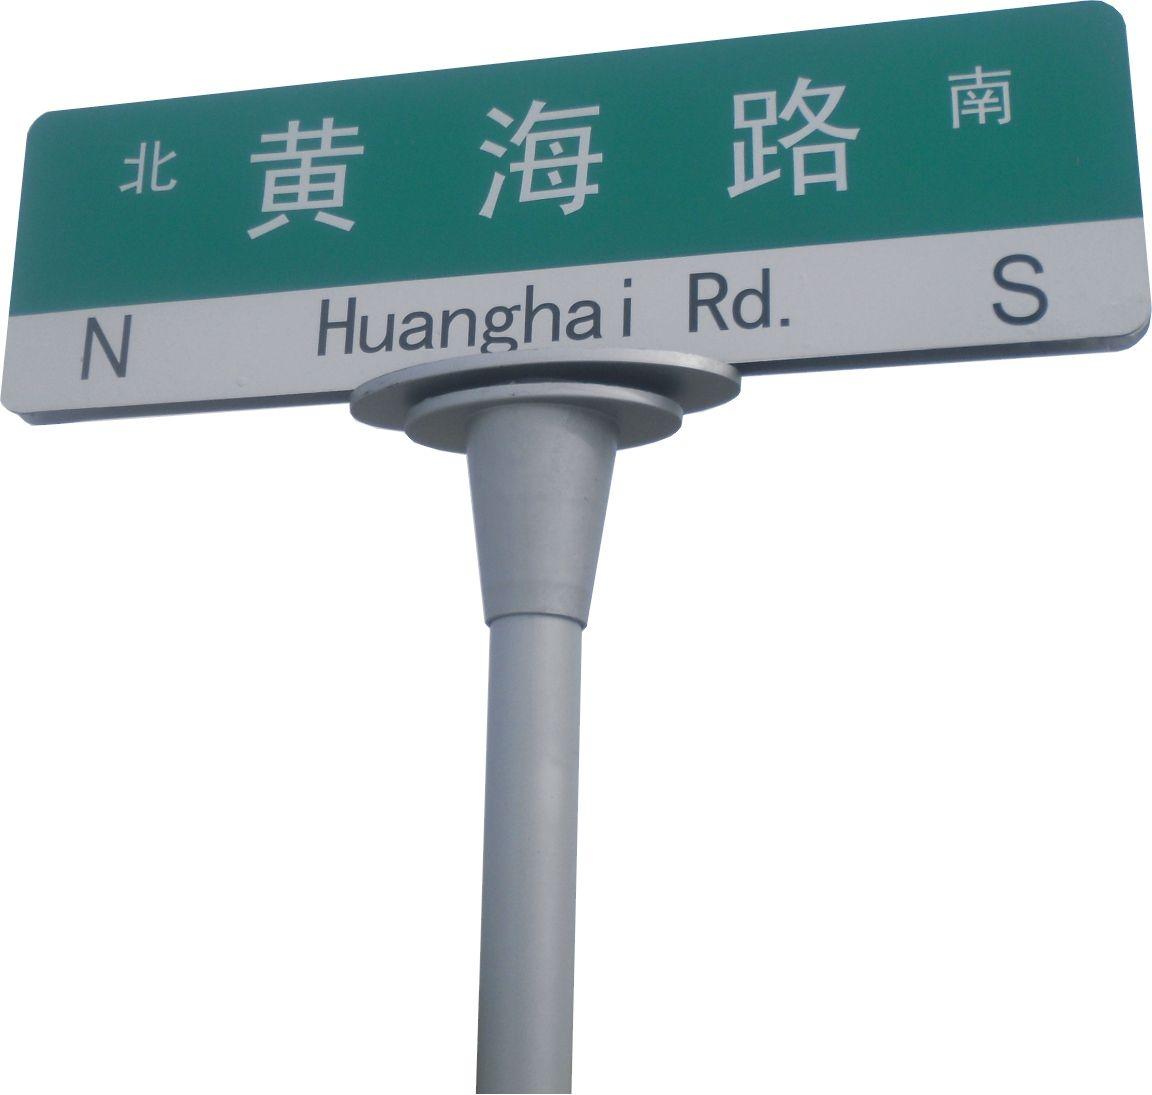 北京路名牌款式